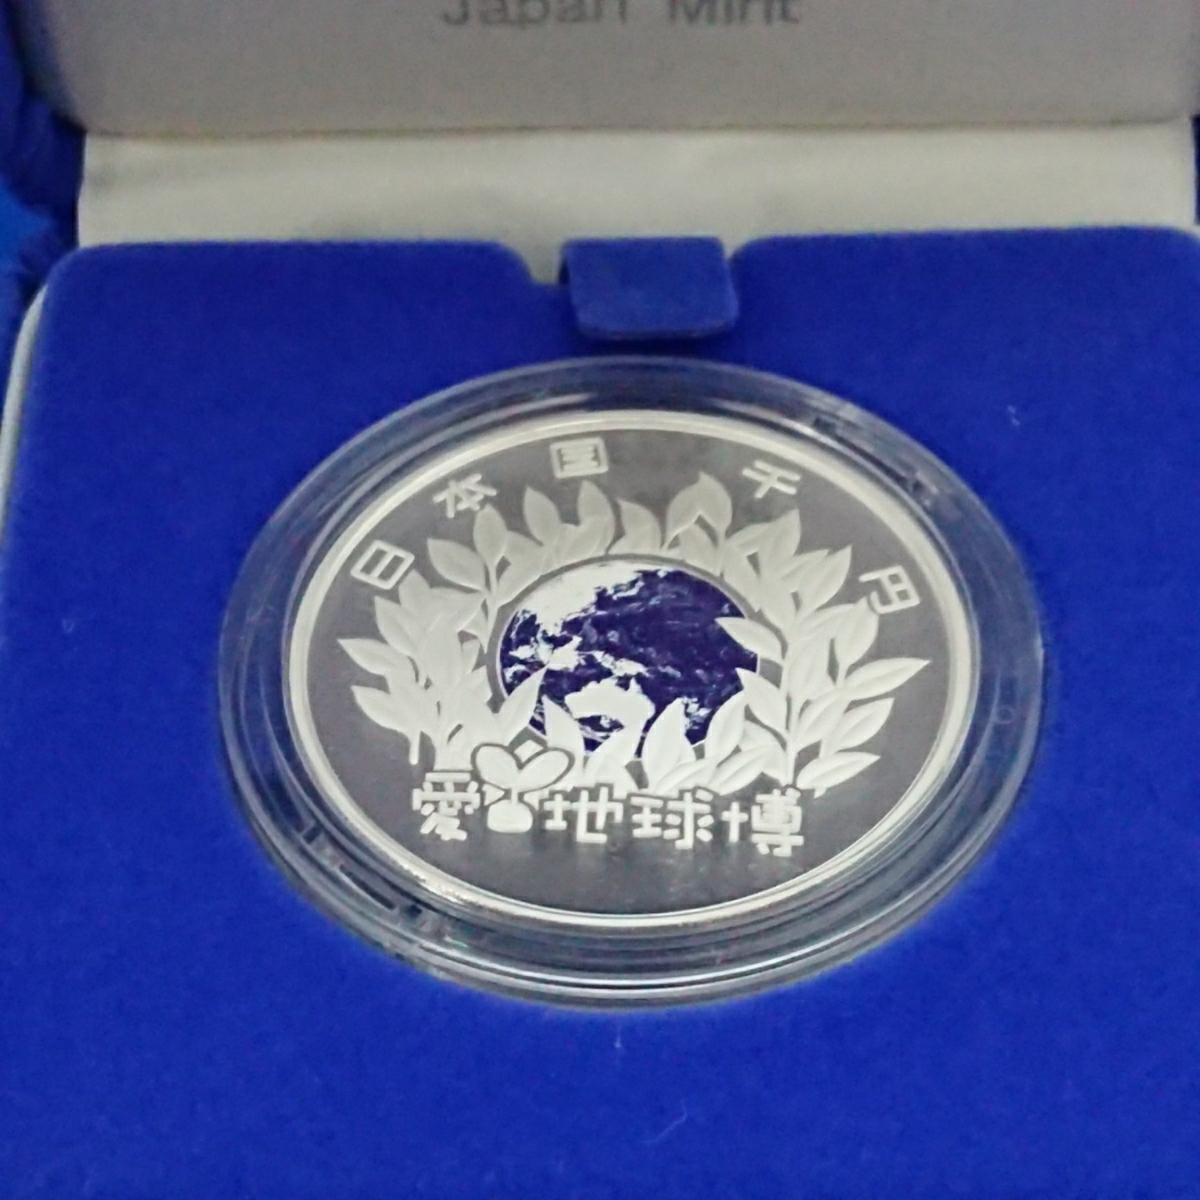 ♪♪♪2005年 愛・地球博  日本国際博覧会 記念貨幣発行記念メダル 千円銀貨幣プルーフ貨幣セット 2つまとめて 純銀 造幣局 ♪♪♪_画像4